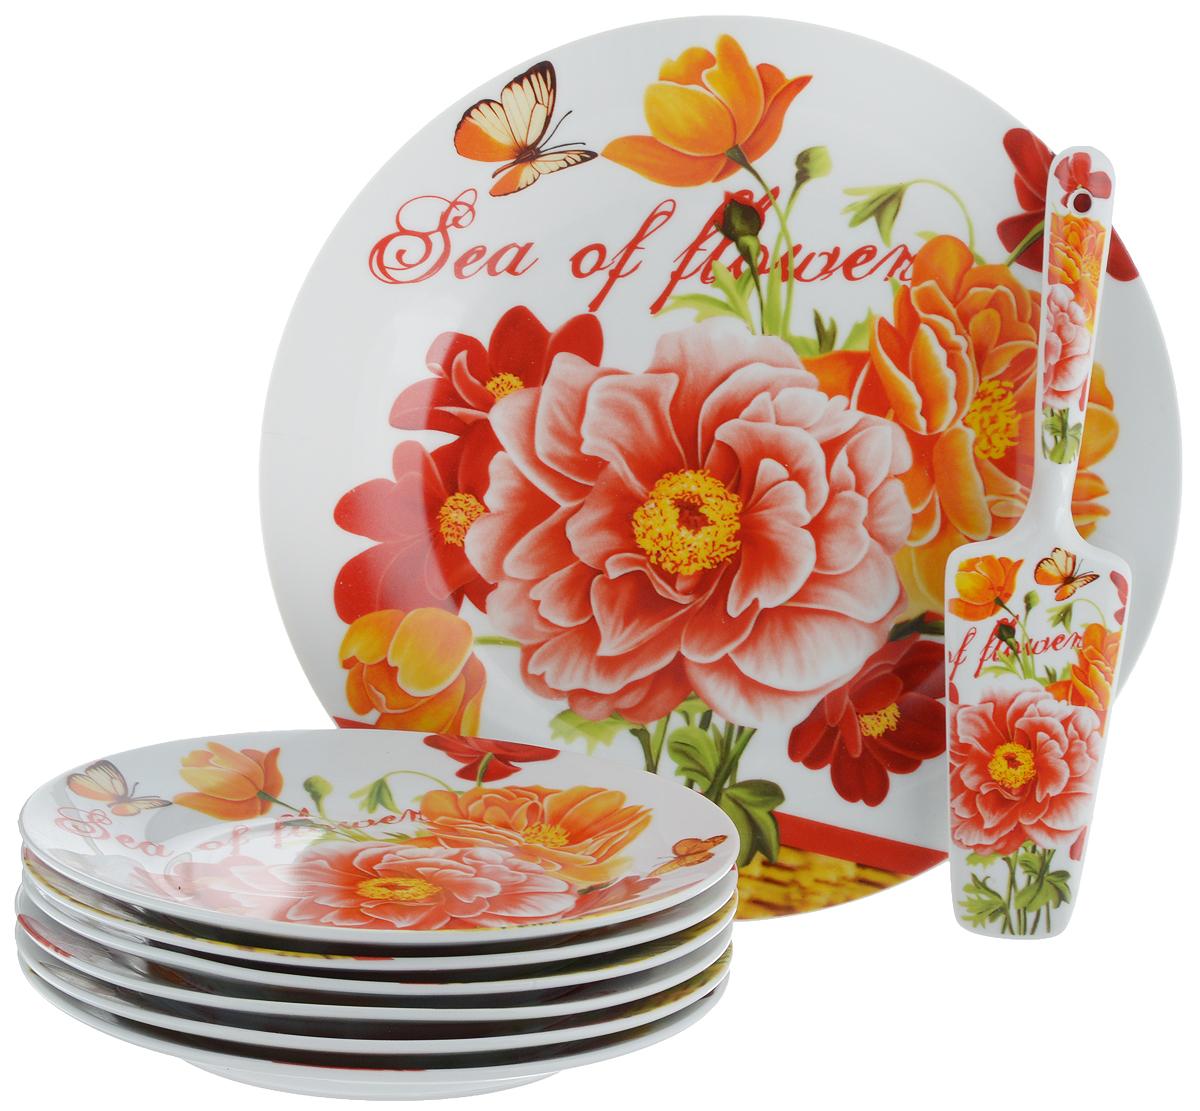 Набор для торта Bella, 8 предметов. DL-S8CB-177115510Набор для торта Bella состоит из 7 тарелок и лопатки. Изделия выполнены из высококачественного фарфора и оформлены ярким рисунком. Набор идеален для подачи тортов, пирогов и другой выпечки.Яркий дизайн сделает набор изысканным украшением праздничного стола.Диаметр меленьких тарелок: 19,3 см.Диаметр большой тарелки: 26,5 см.Размеры лопатки: 23 х 5,3 х 2 см.